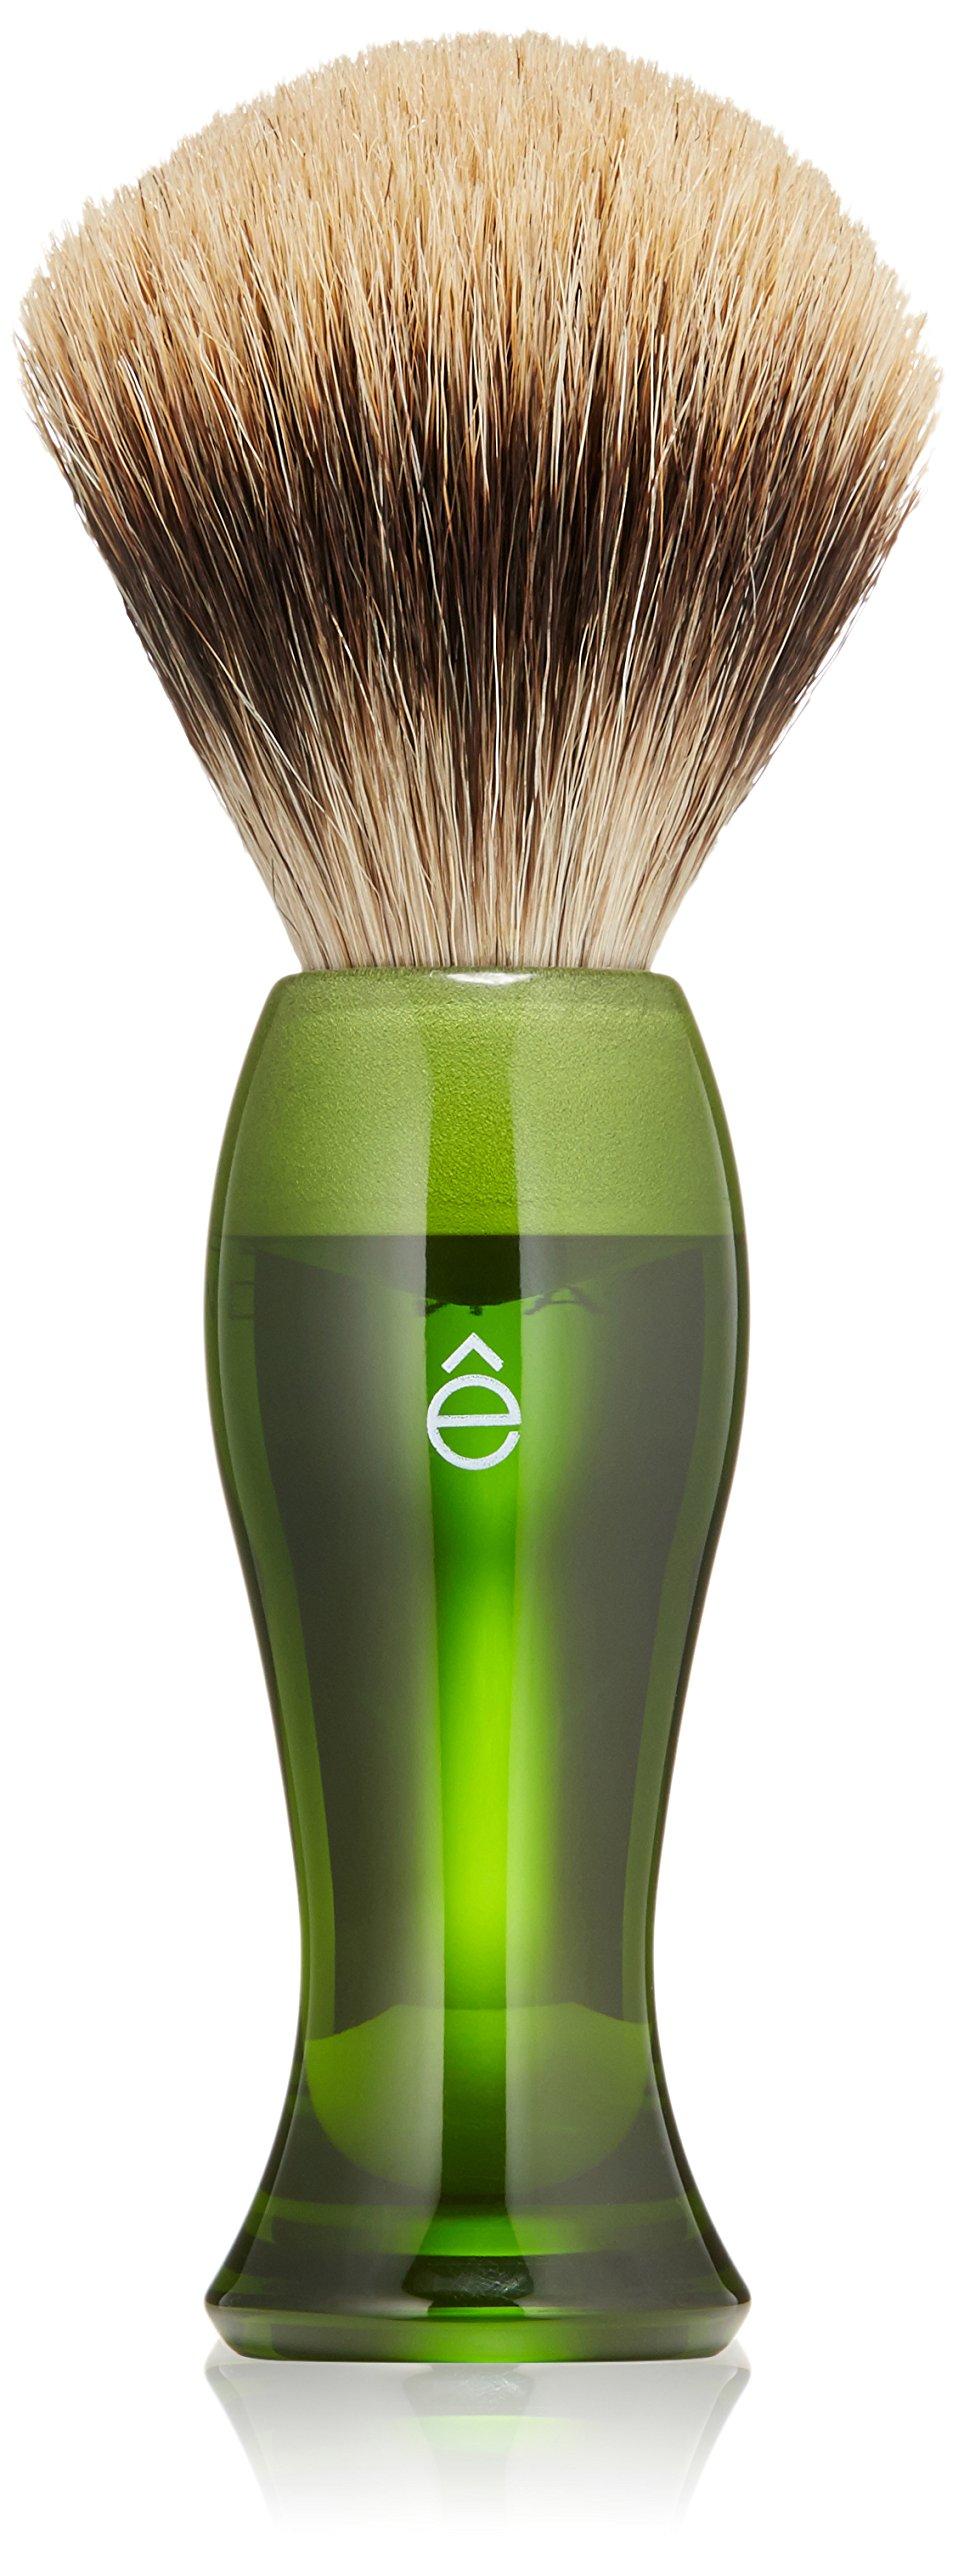 eShave Fine Badger Hair Shaving Brush, Green